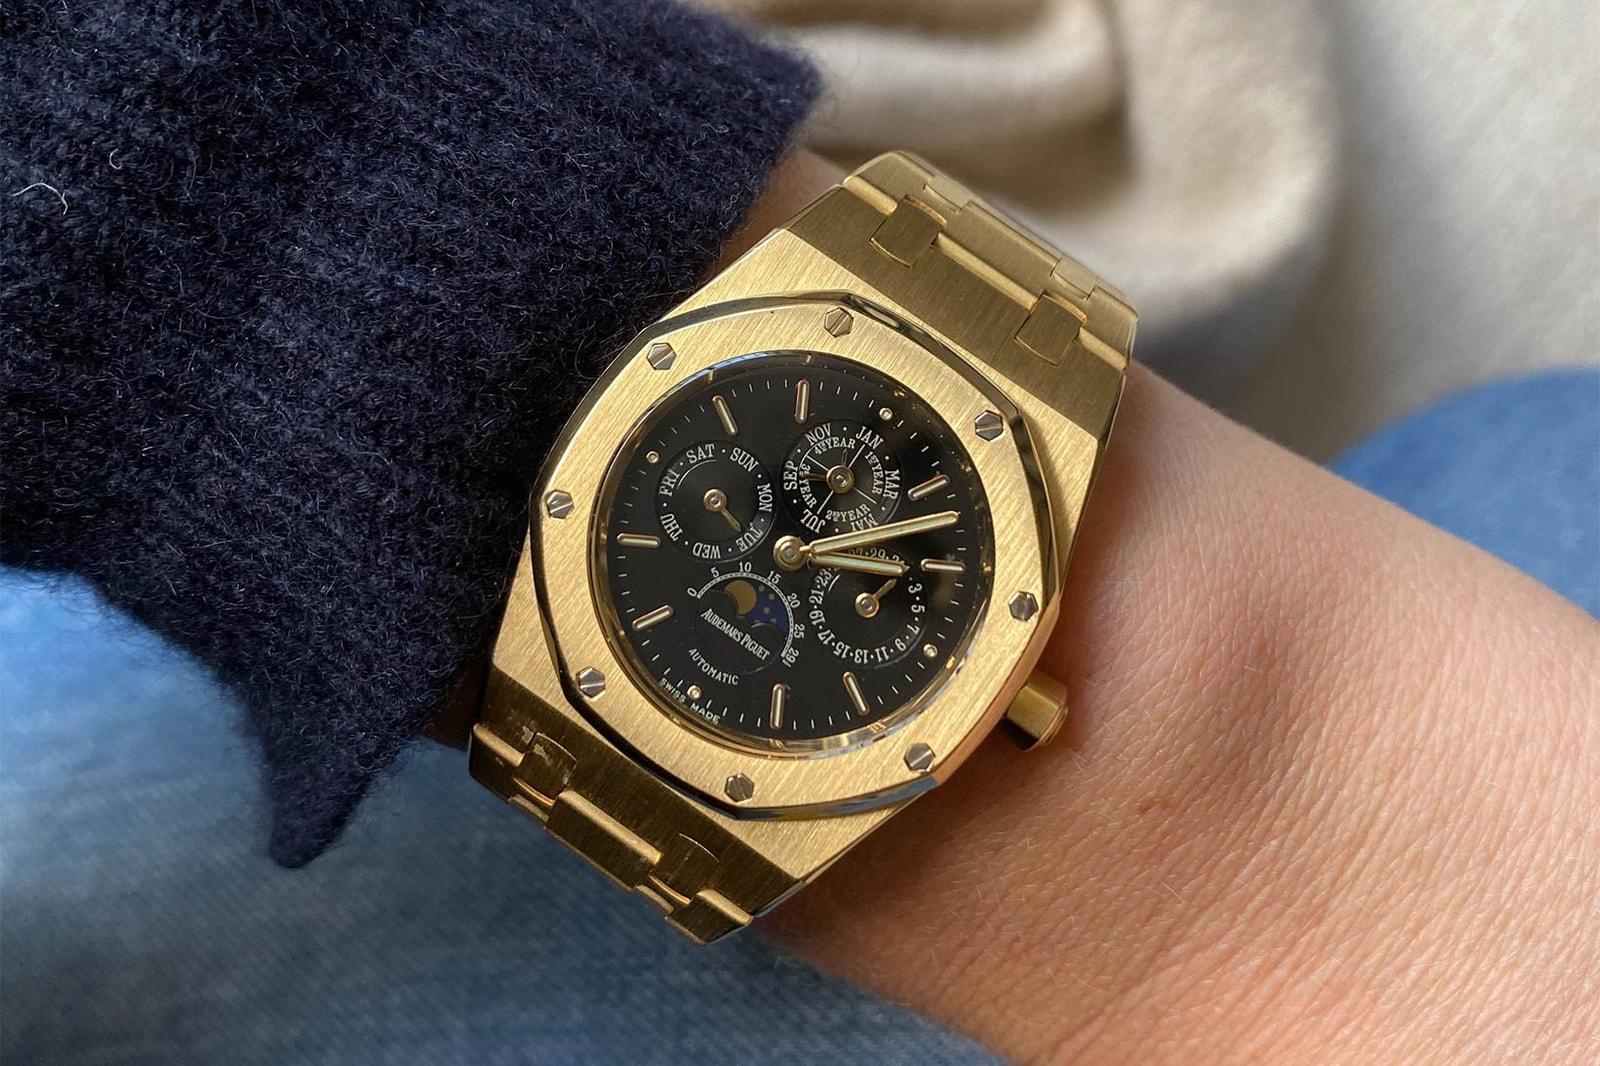 1968 Rolex DayDate Ref 1803 White Gold 1990s Audemars Piguet Royal Oak Perpetual Calendar Ref 25800 Yellow Vintage Watch Cara Barrett